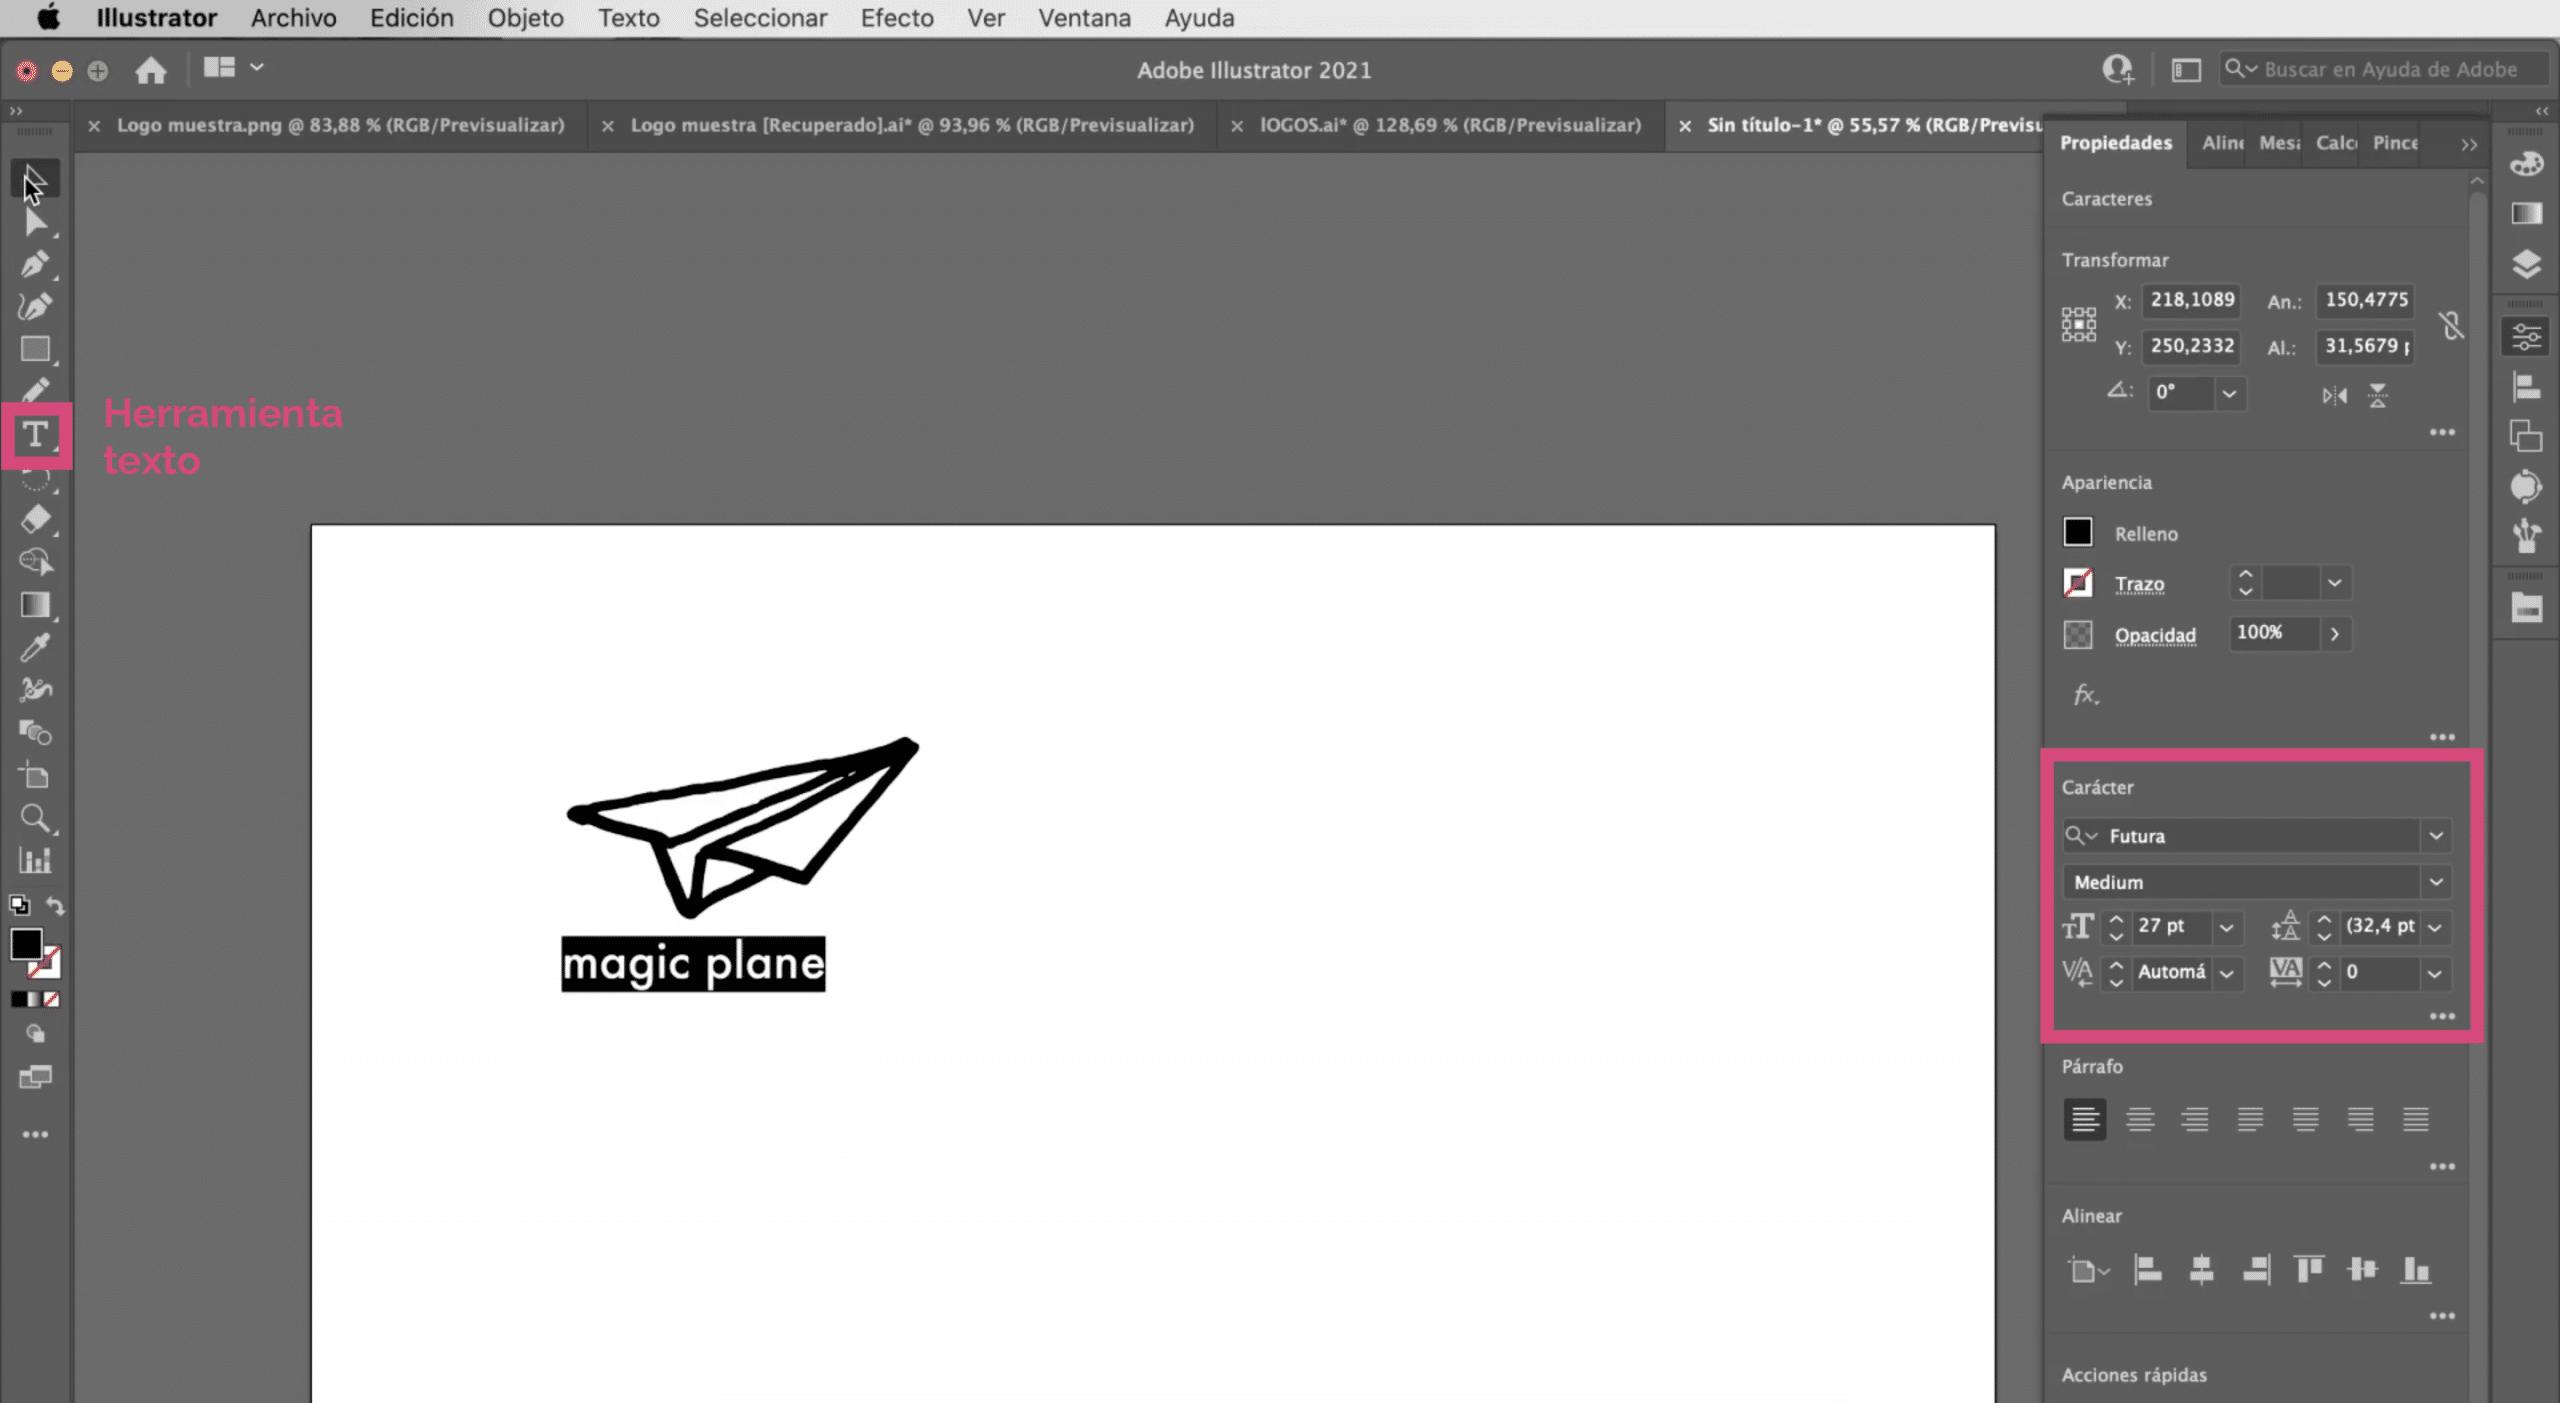 Añadir el nombre de la marca al logotipo